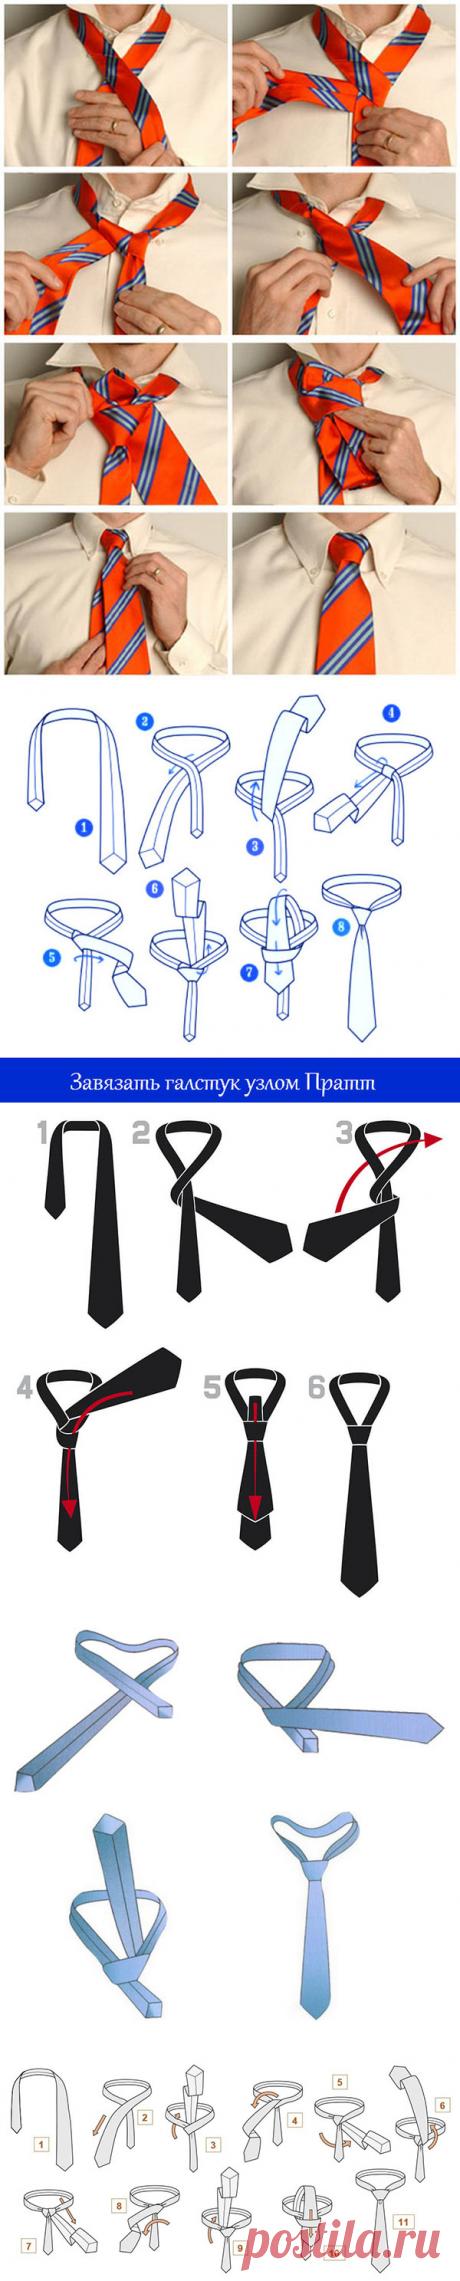 Как правильно завязать мужской галстук?